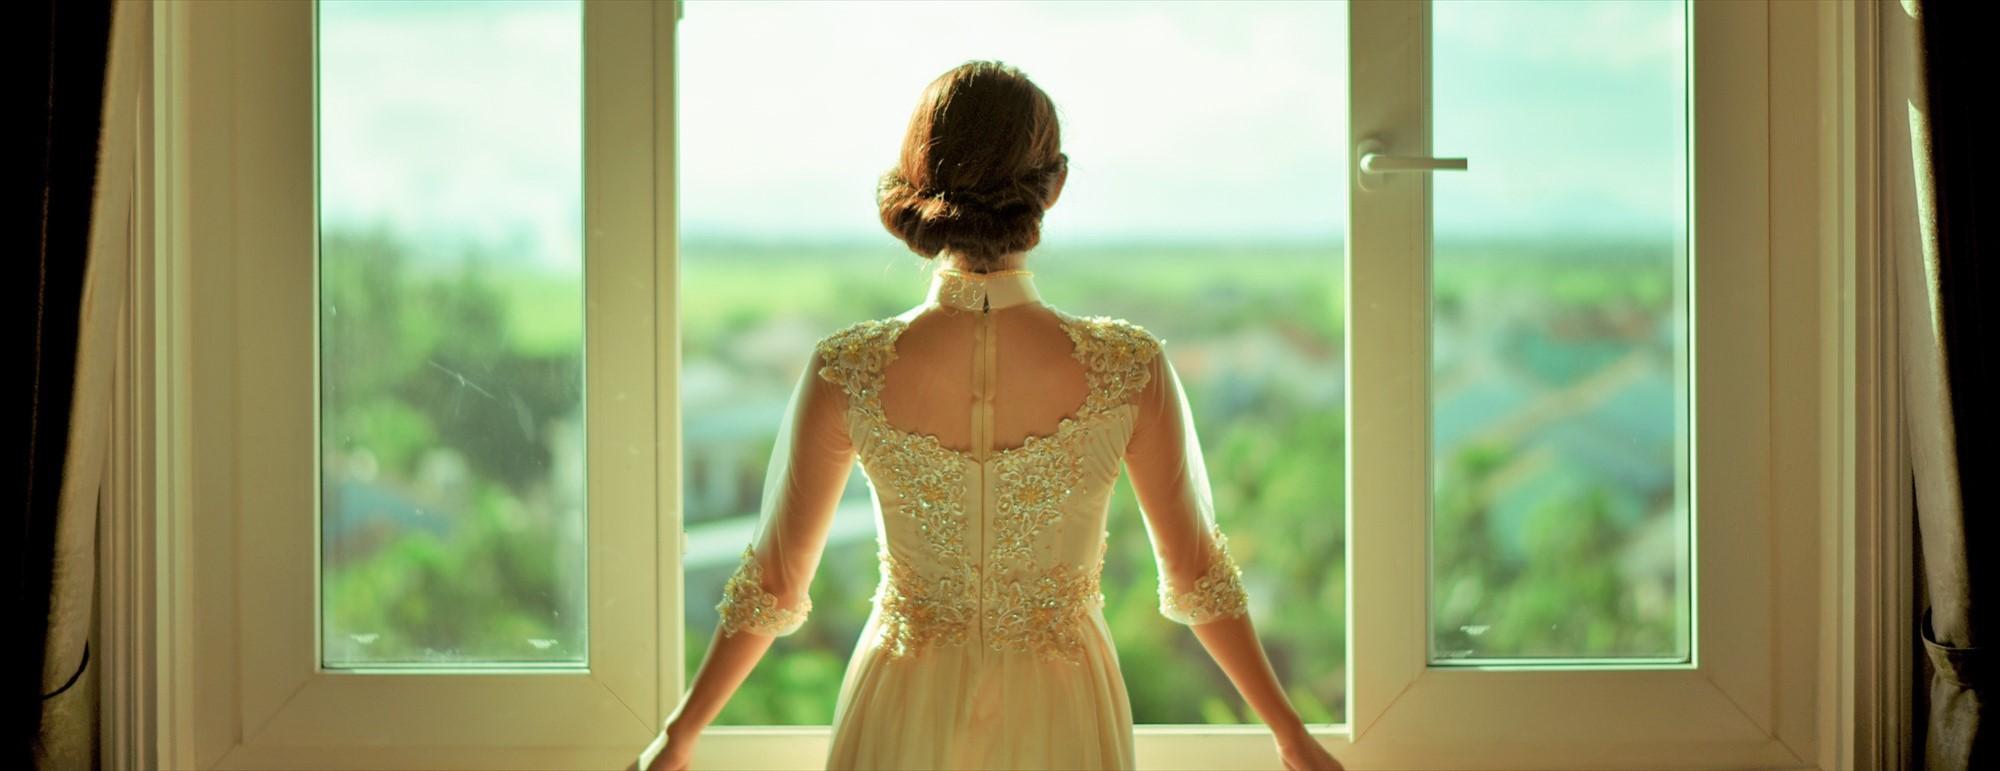 ベトナム・ホイアン・ホテル・ウェディング<br /> Mercure Hoi An Wedding<br /> メルキュール・ホイアン挙式